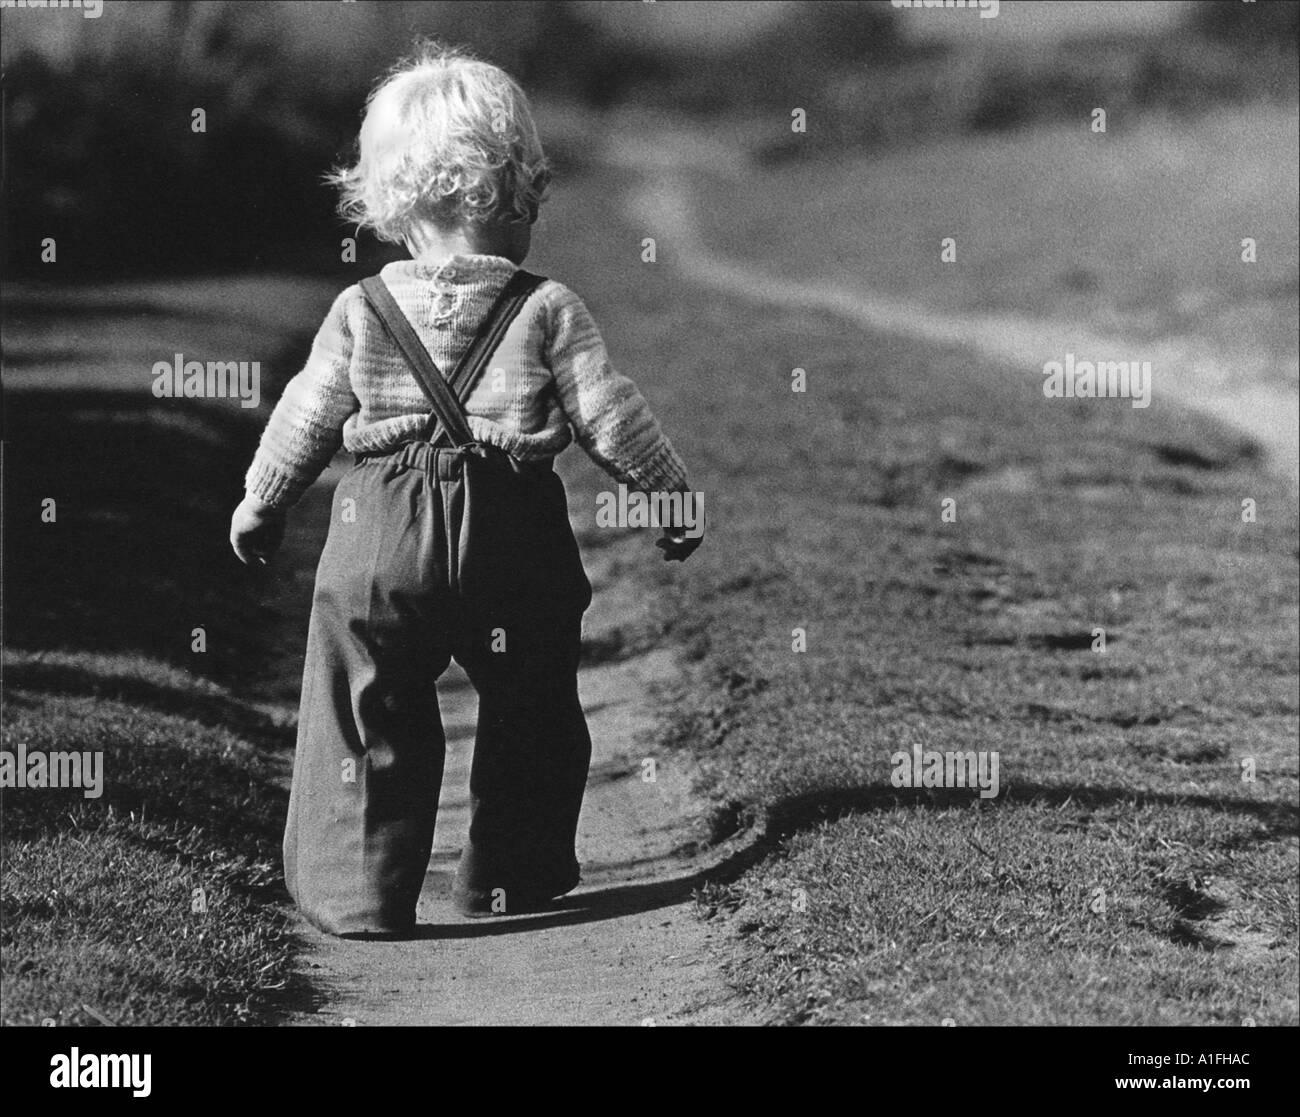 child walking away - photo #17